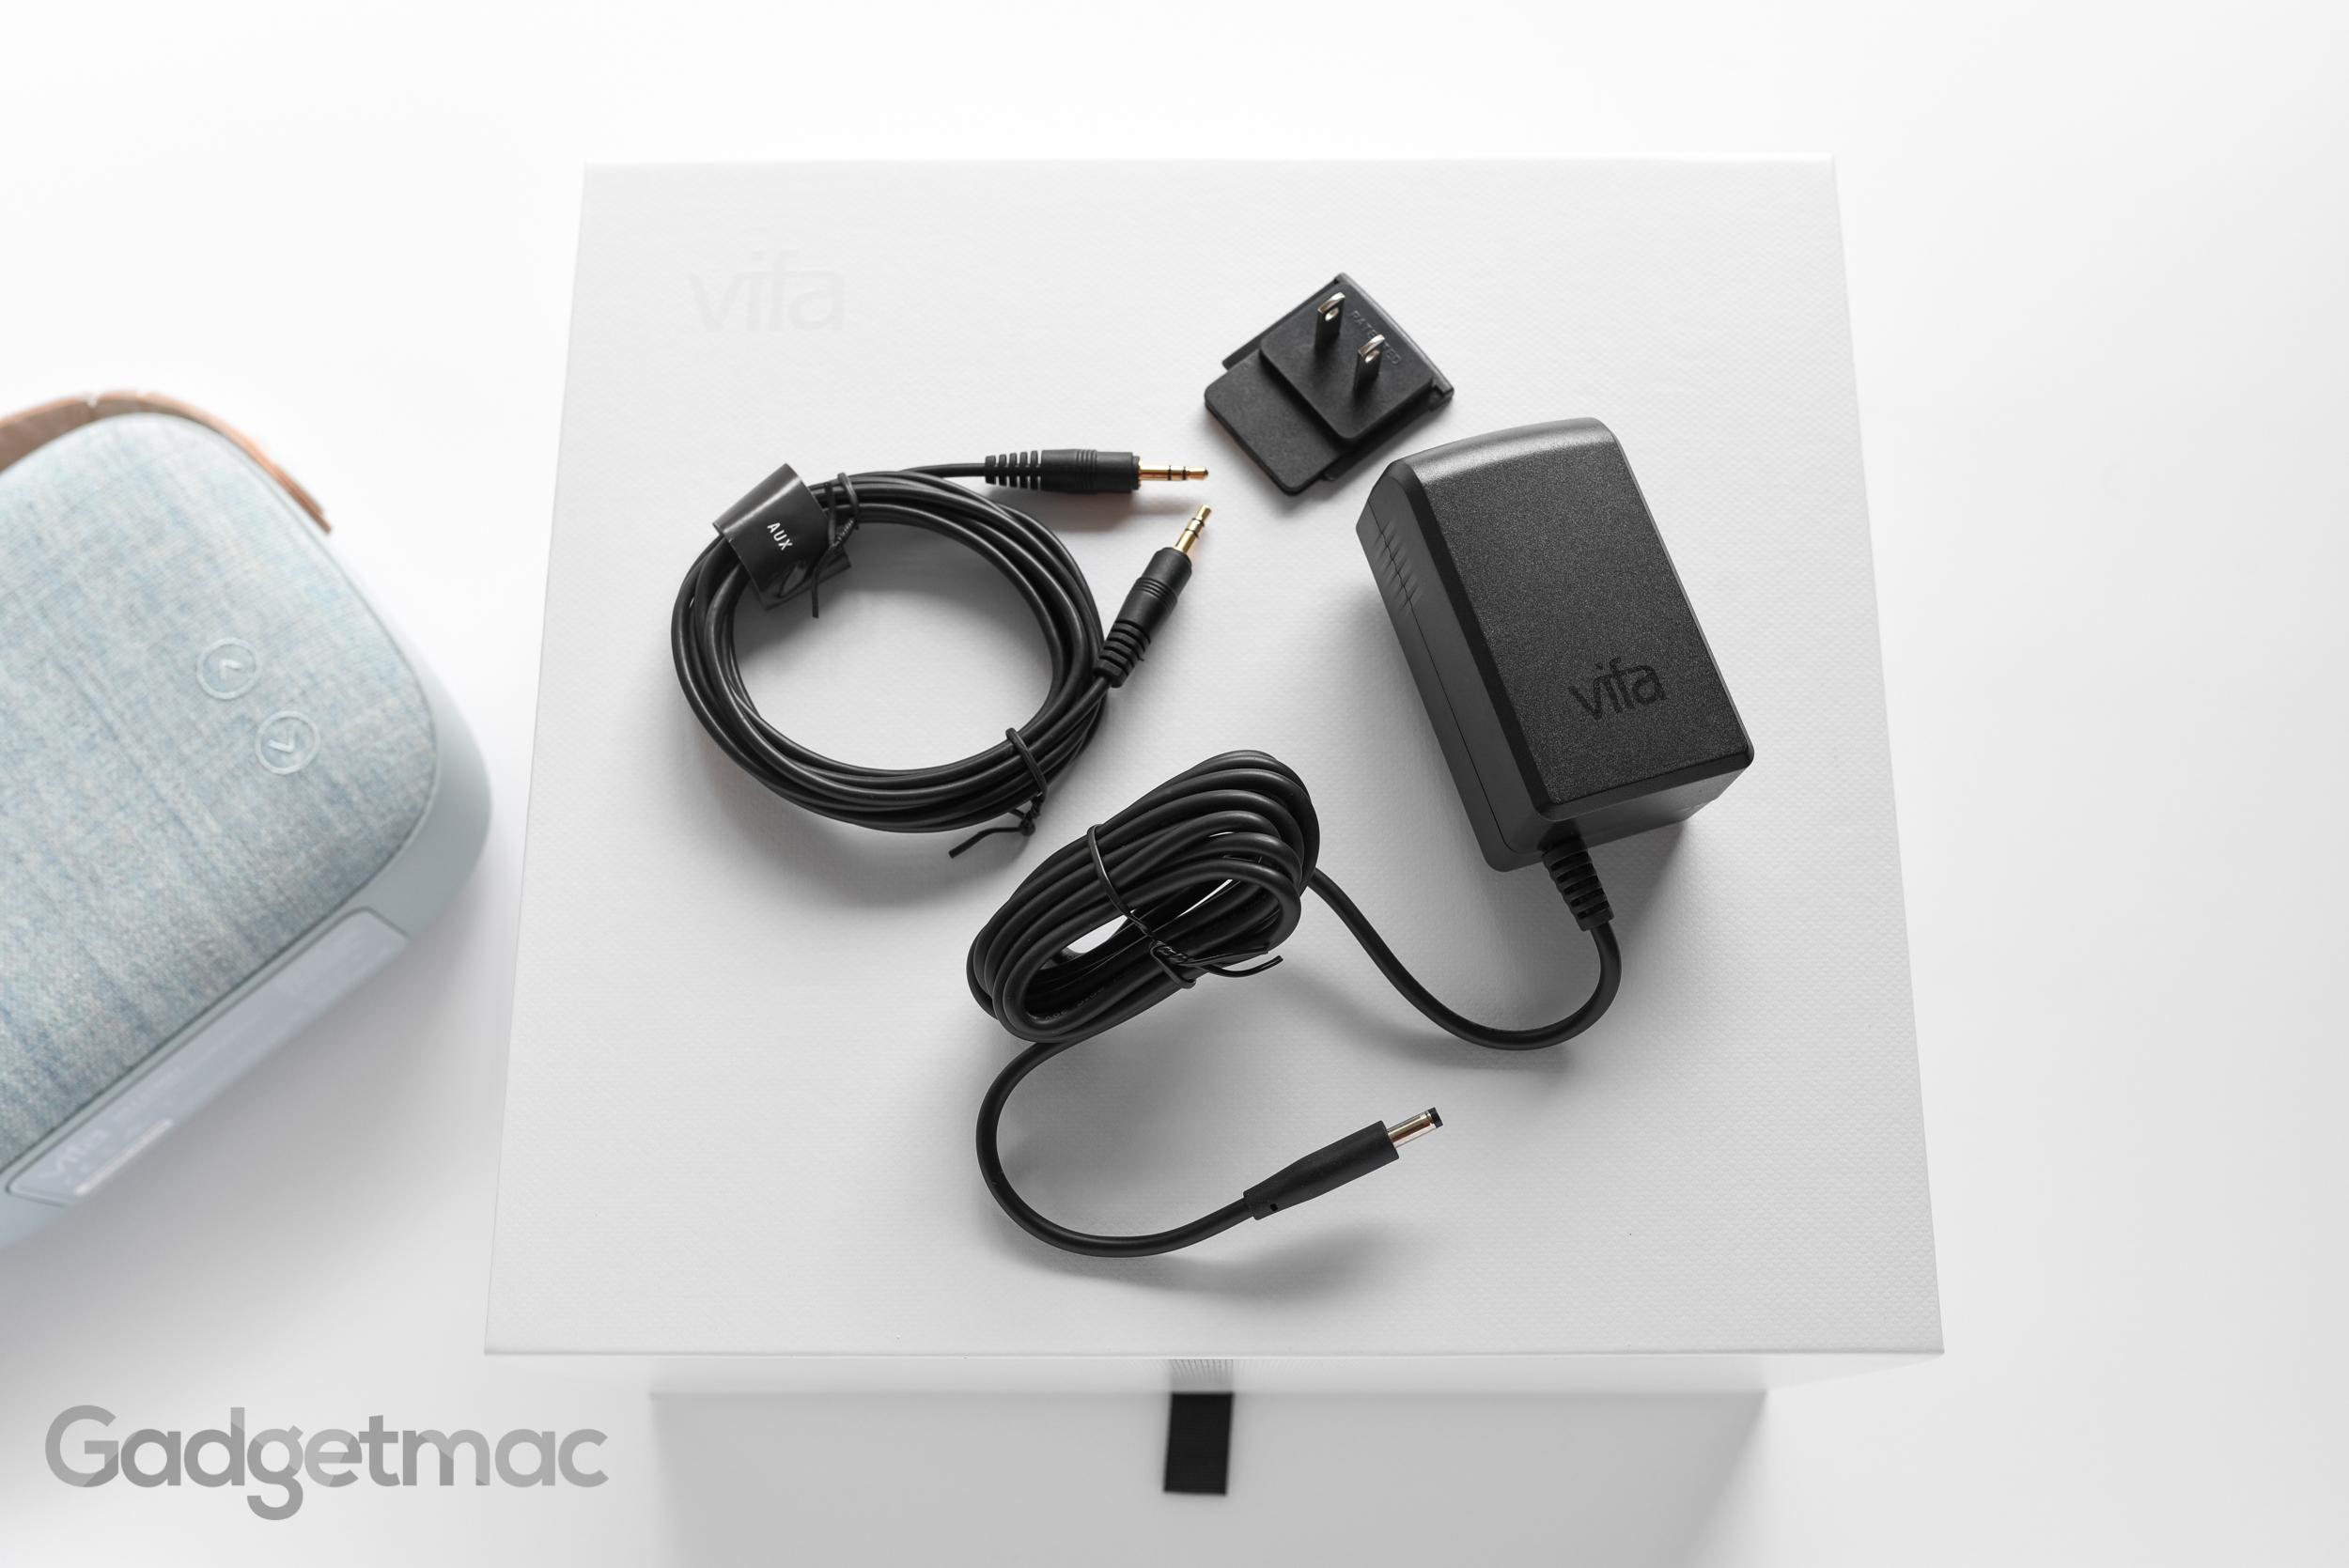 vifa-helsinki-portable-wireless-speaker-power-accessories.jpg